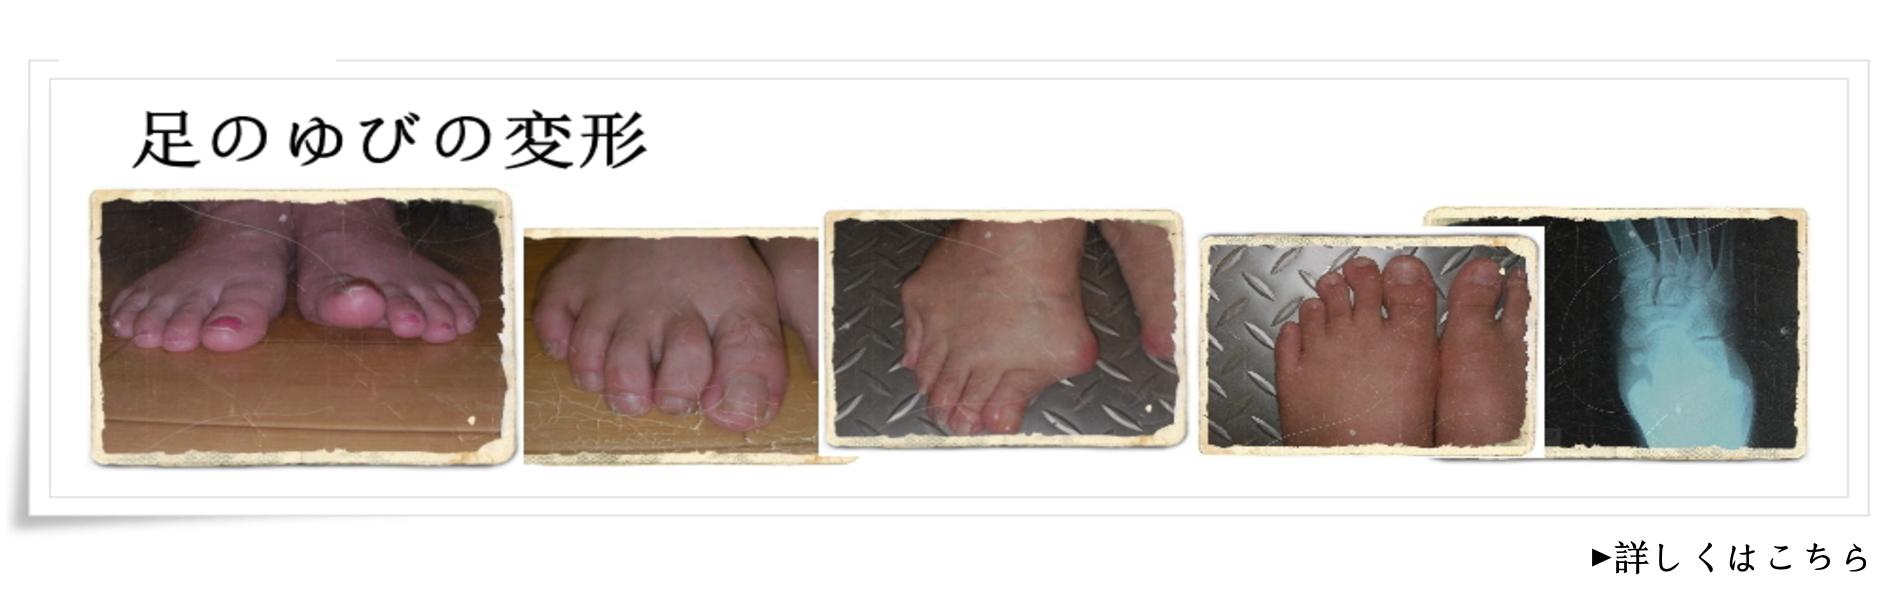 足の変形と障害/さいたま市のインソール